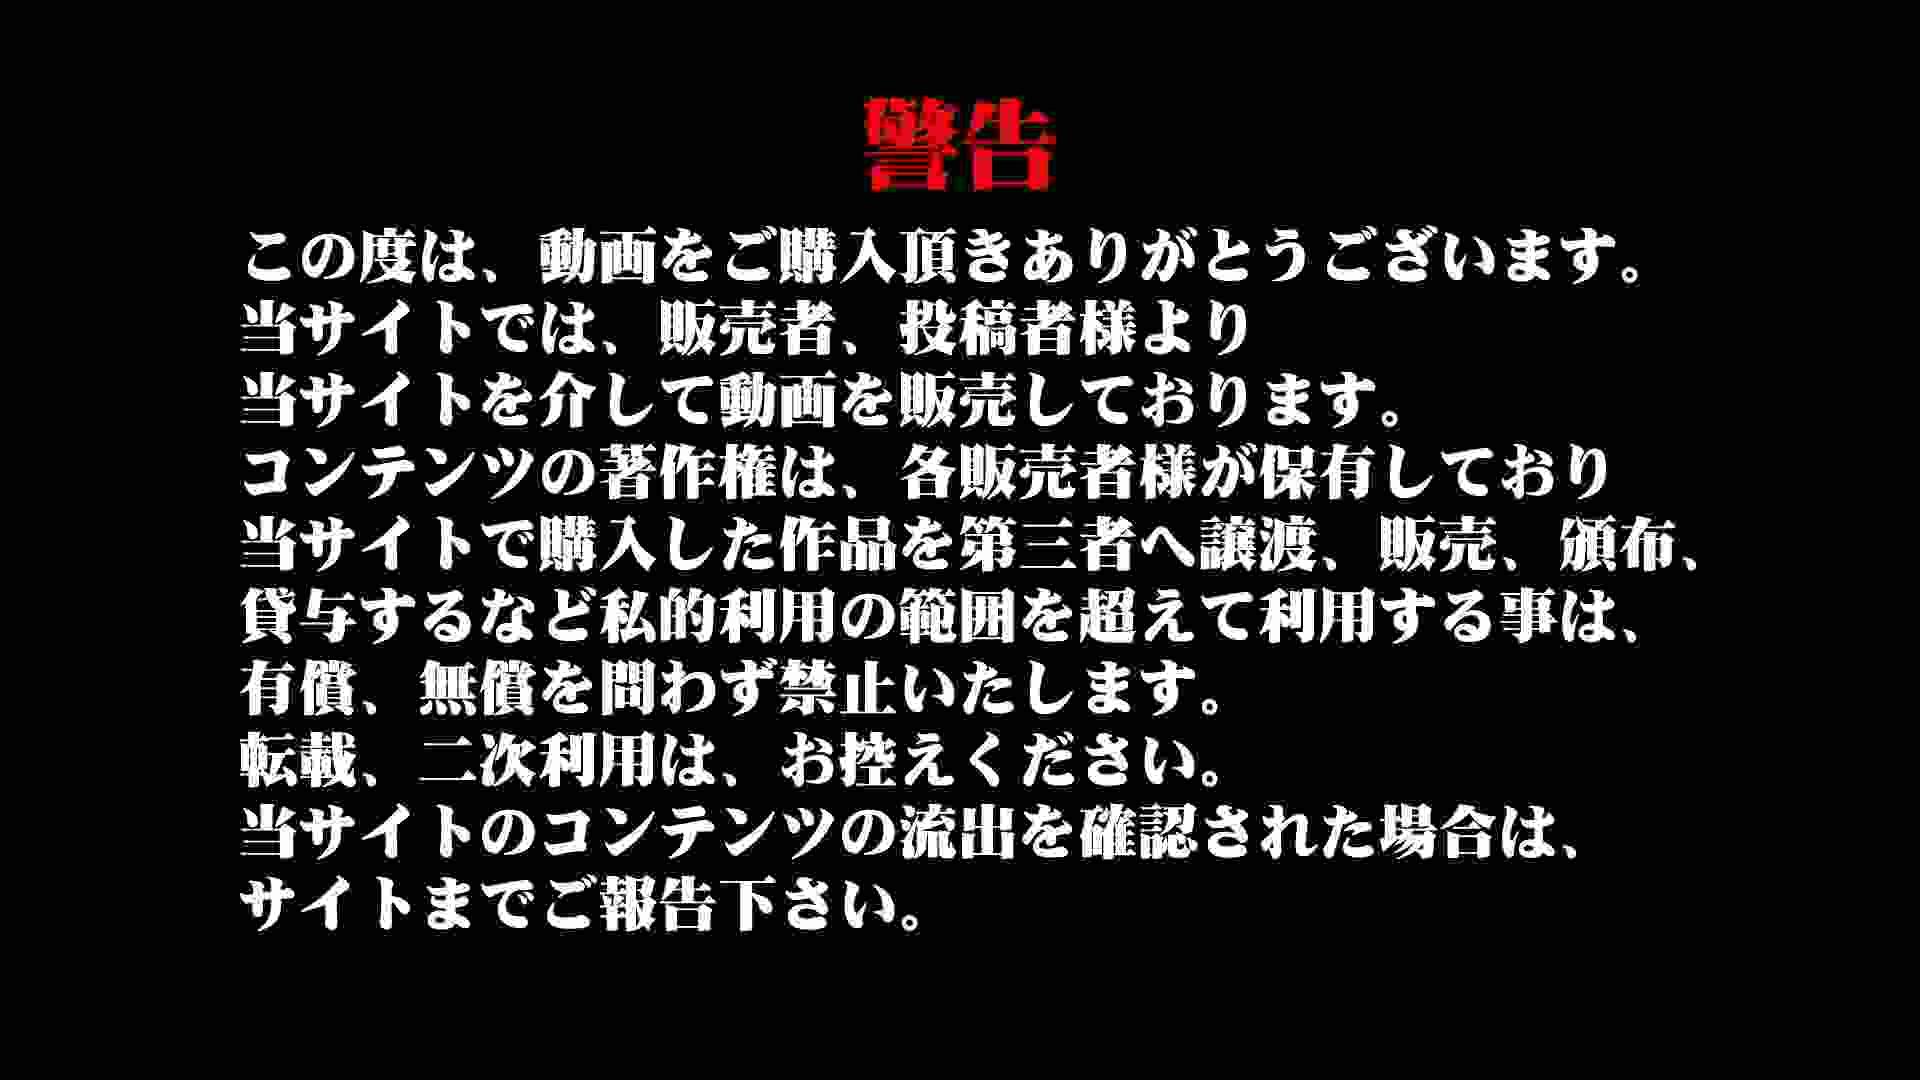 Aquaな露天風呂Vol.895 盗撮シリーズ  101PIX 4